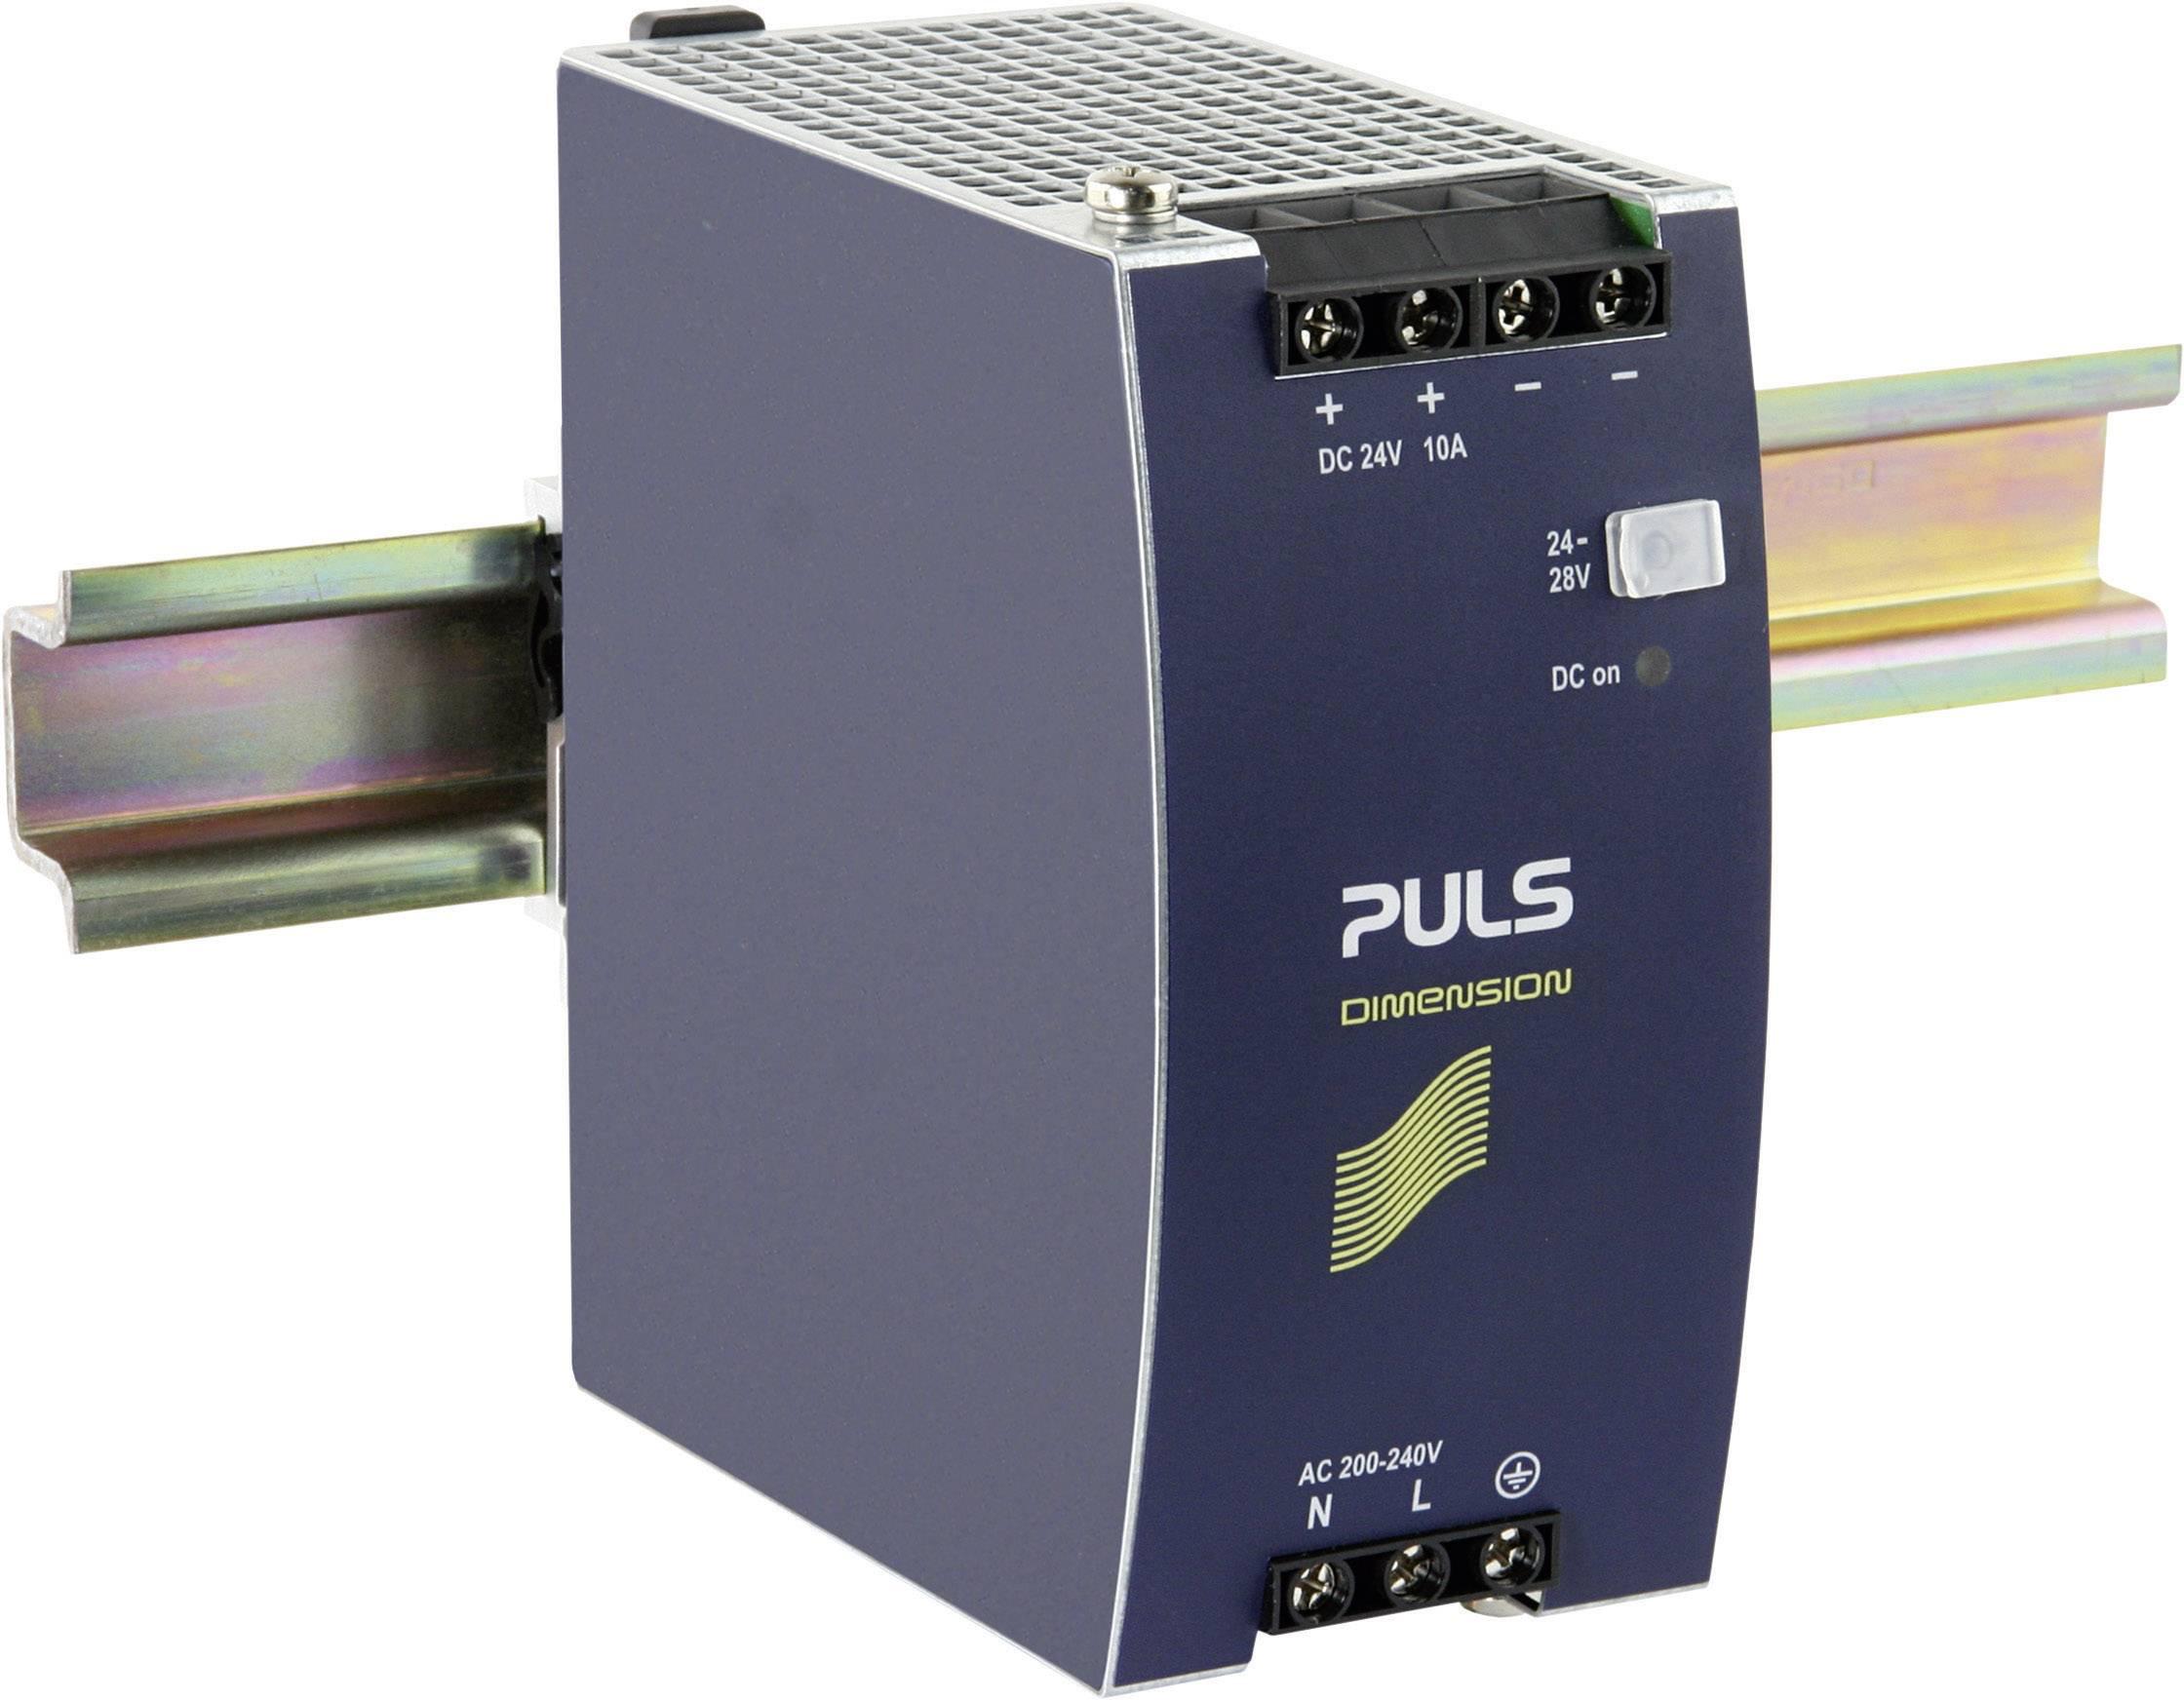 Napájecí zdroj na DIN lištu PULS Dimension CS10.244, 10 A, 24 V/DC